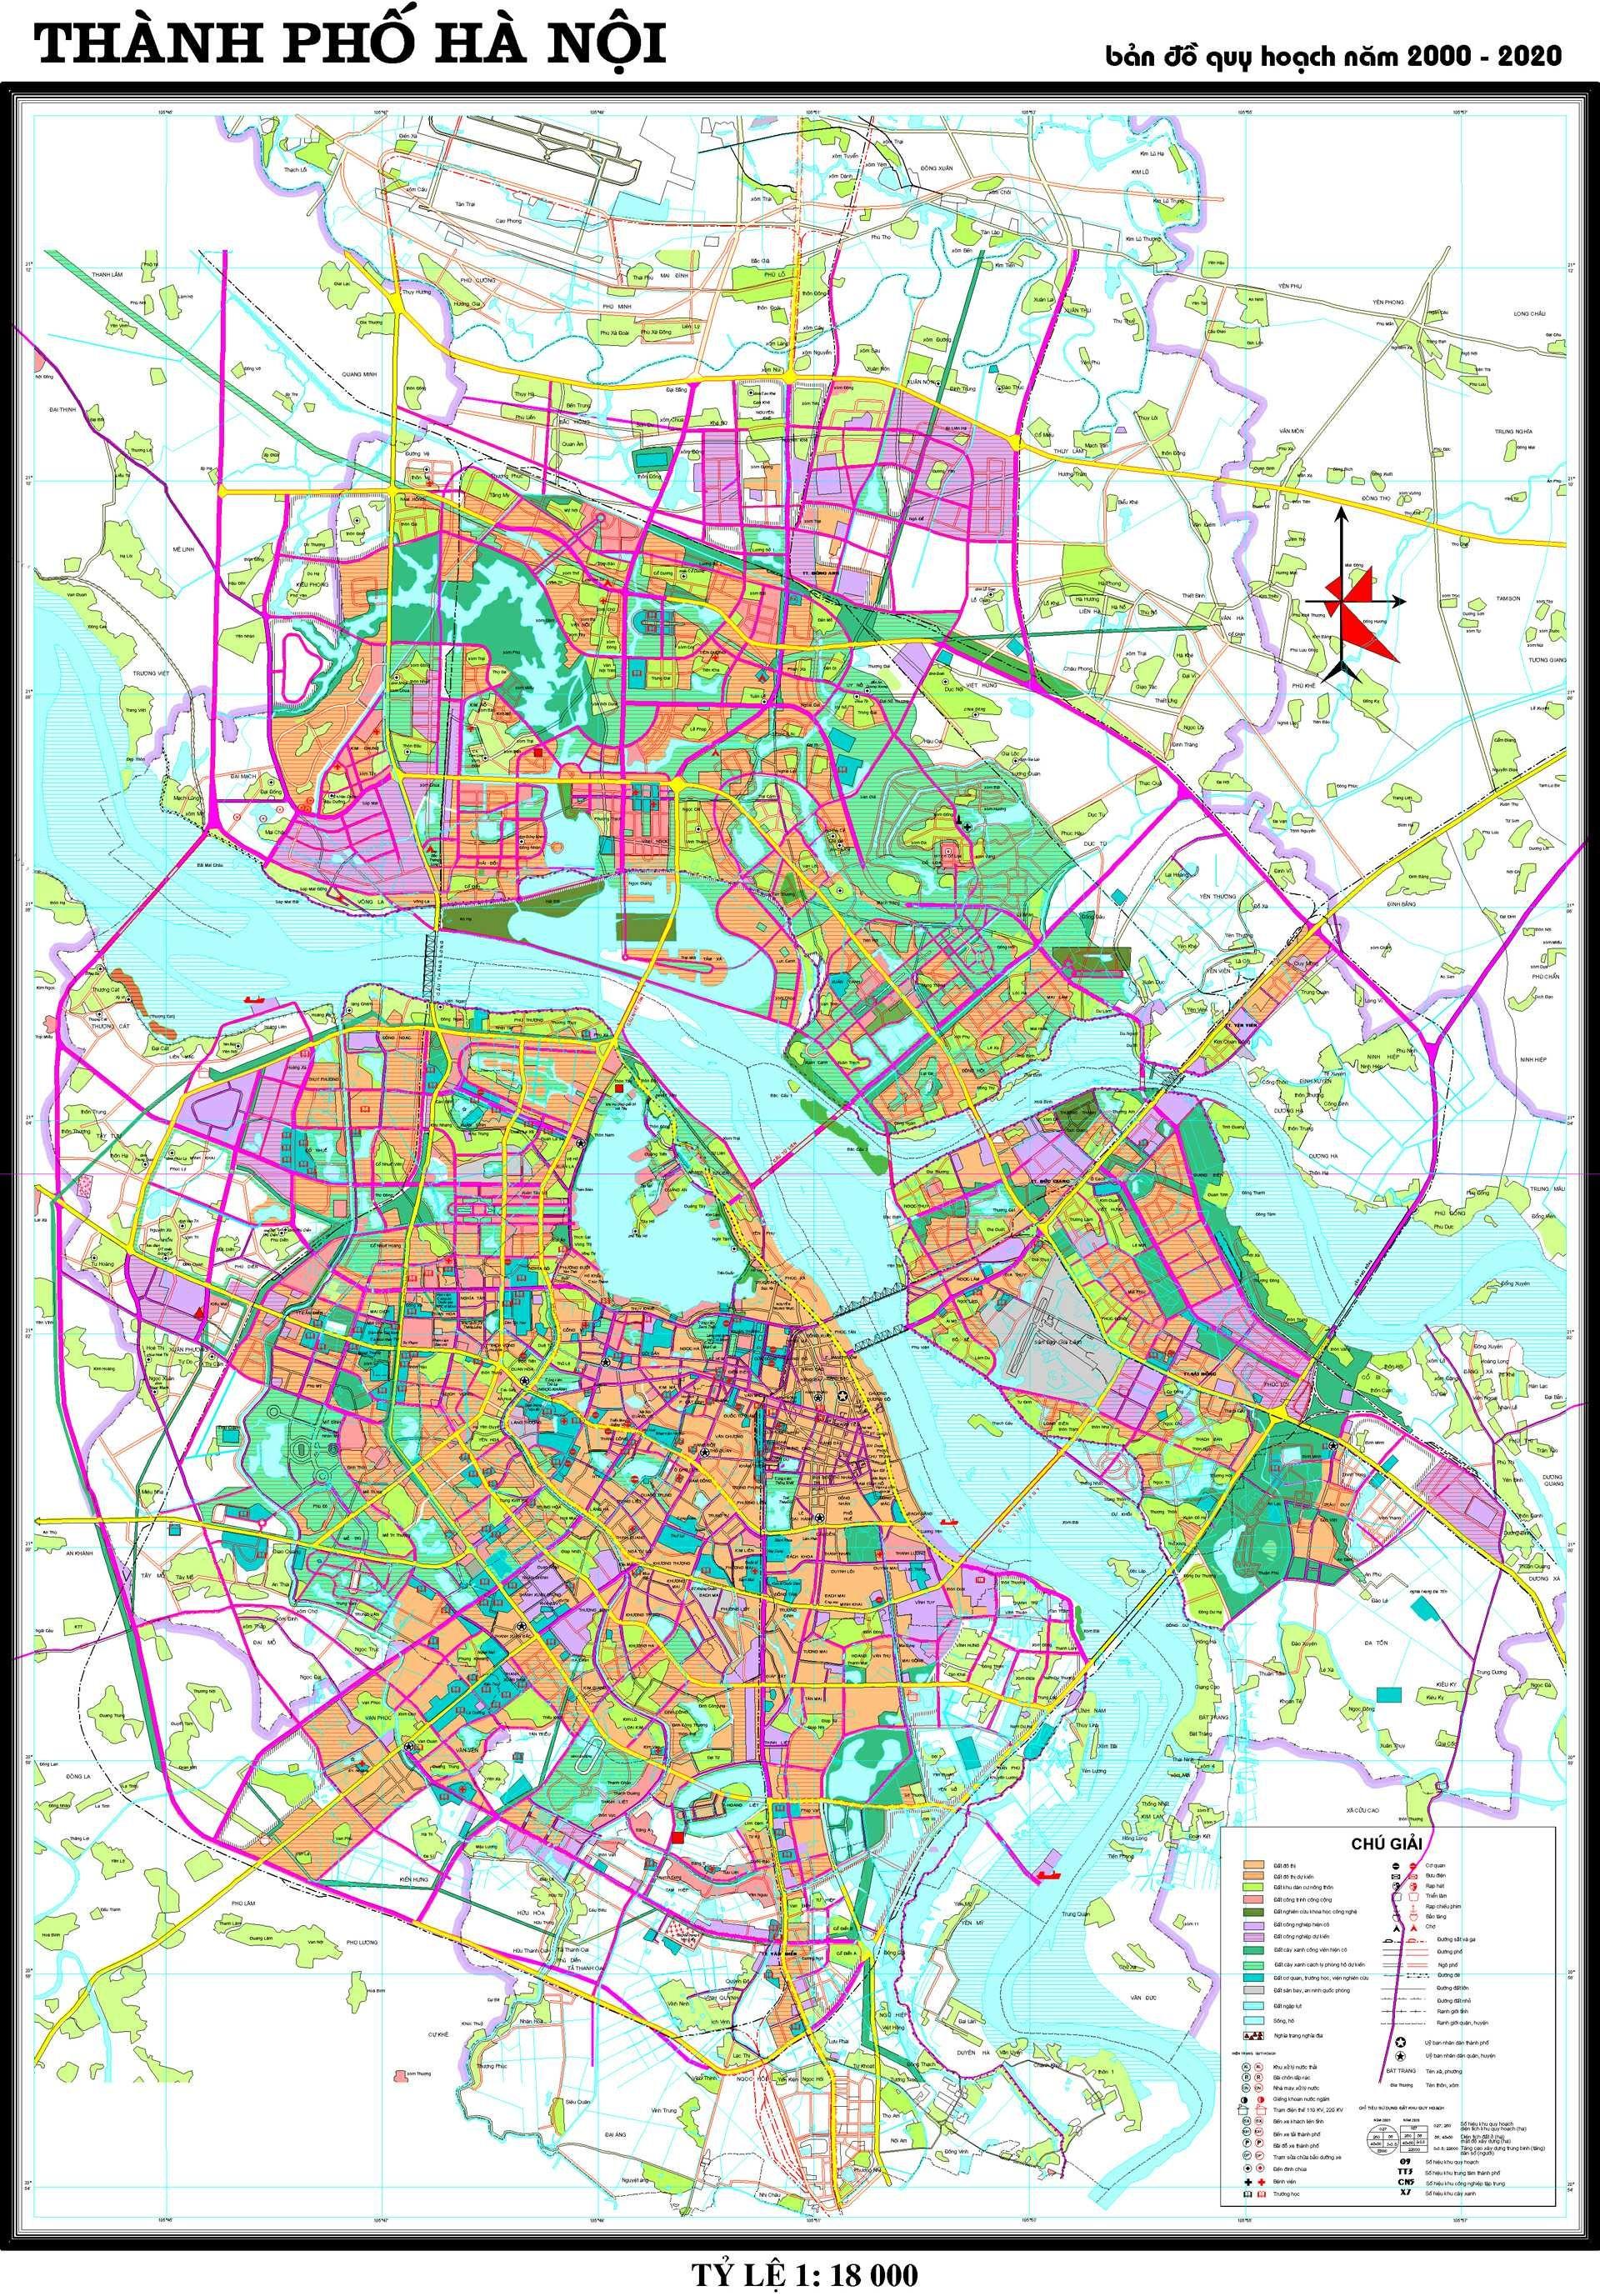 Hanoi Master Plan | Hanoi | Hanoi, Vietnam map, Vietnam